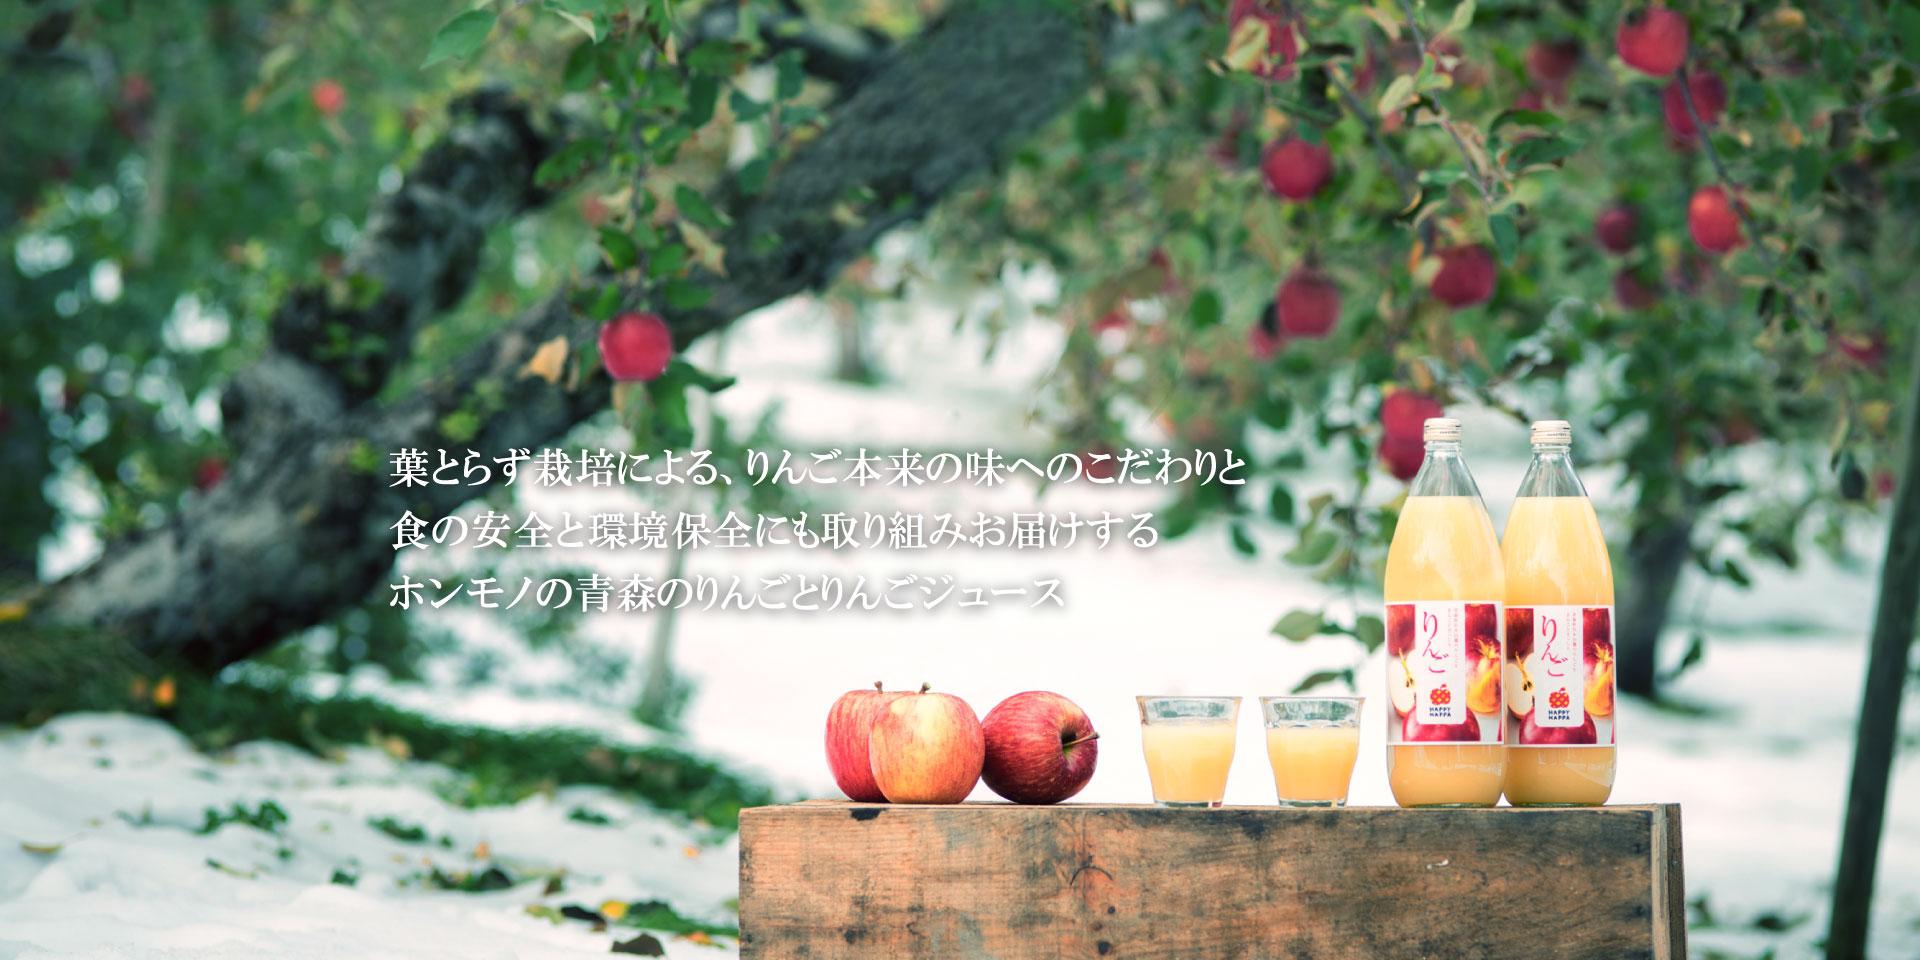 青森の葉とらずりんご HAPPYHAPPAメインイメージ1